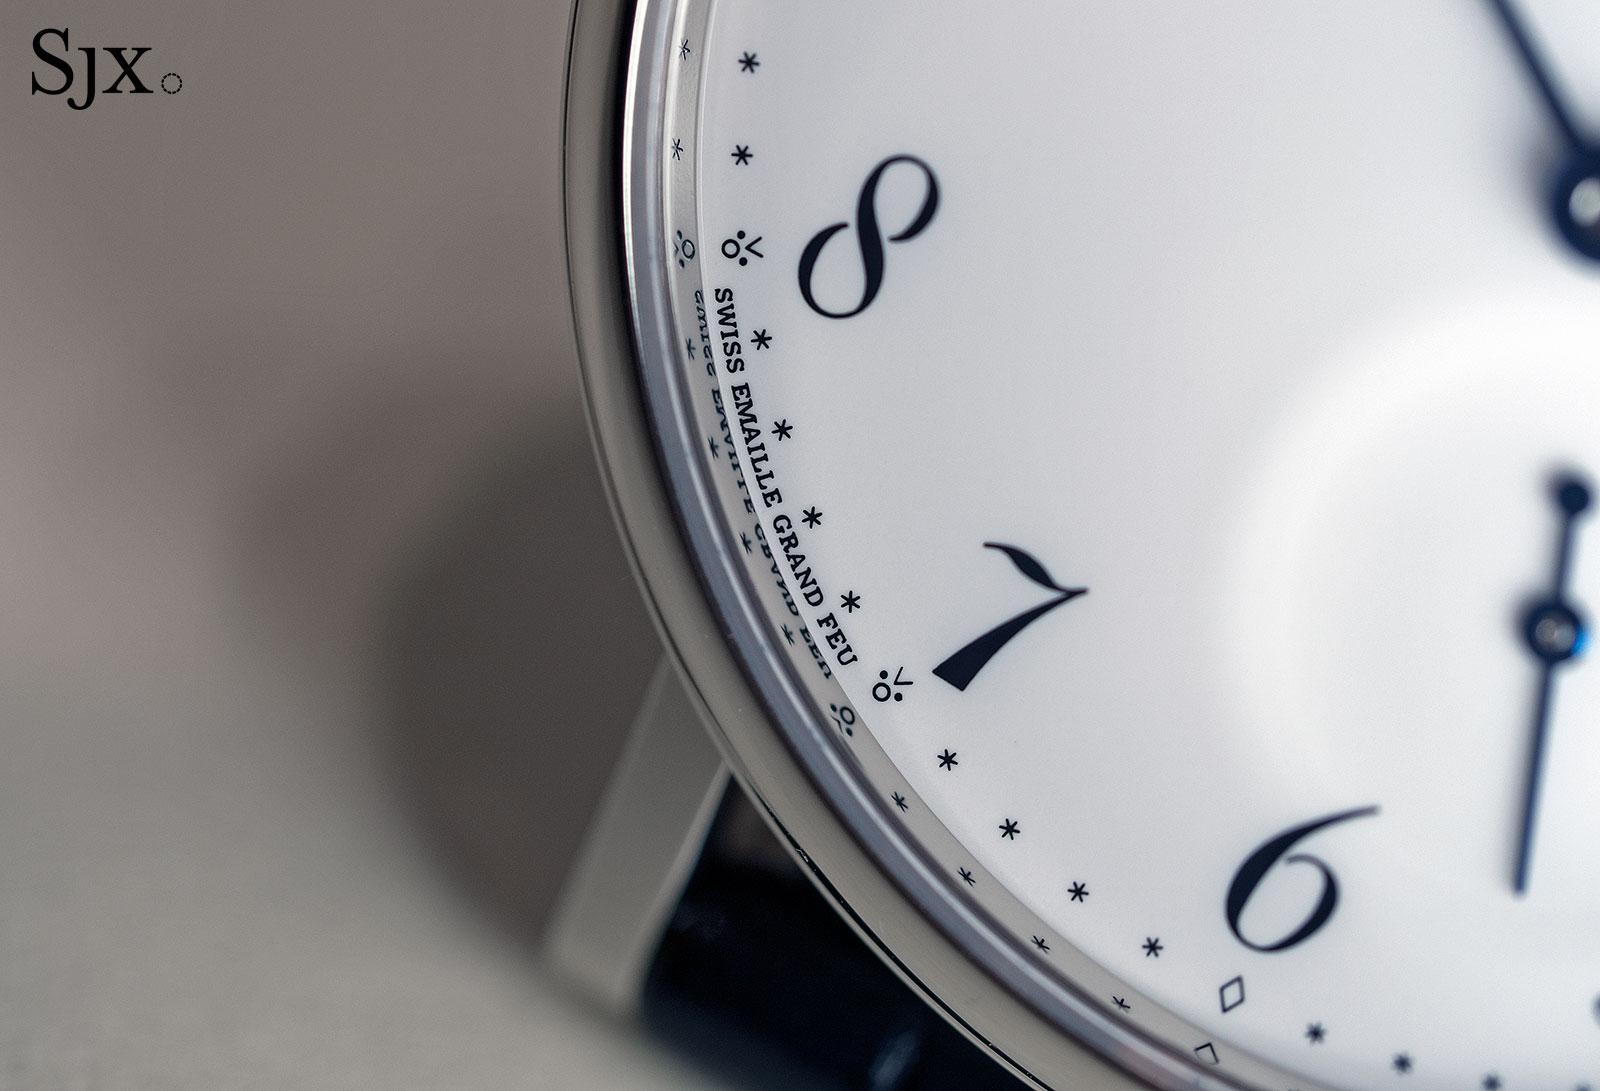 Breguet Classique 7147 enamel dial 17